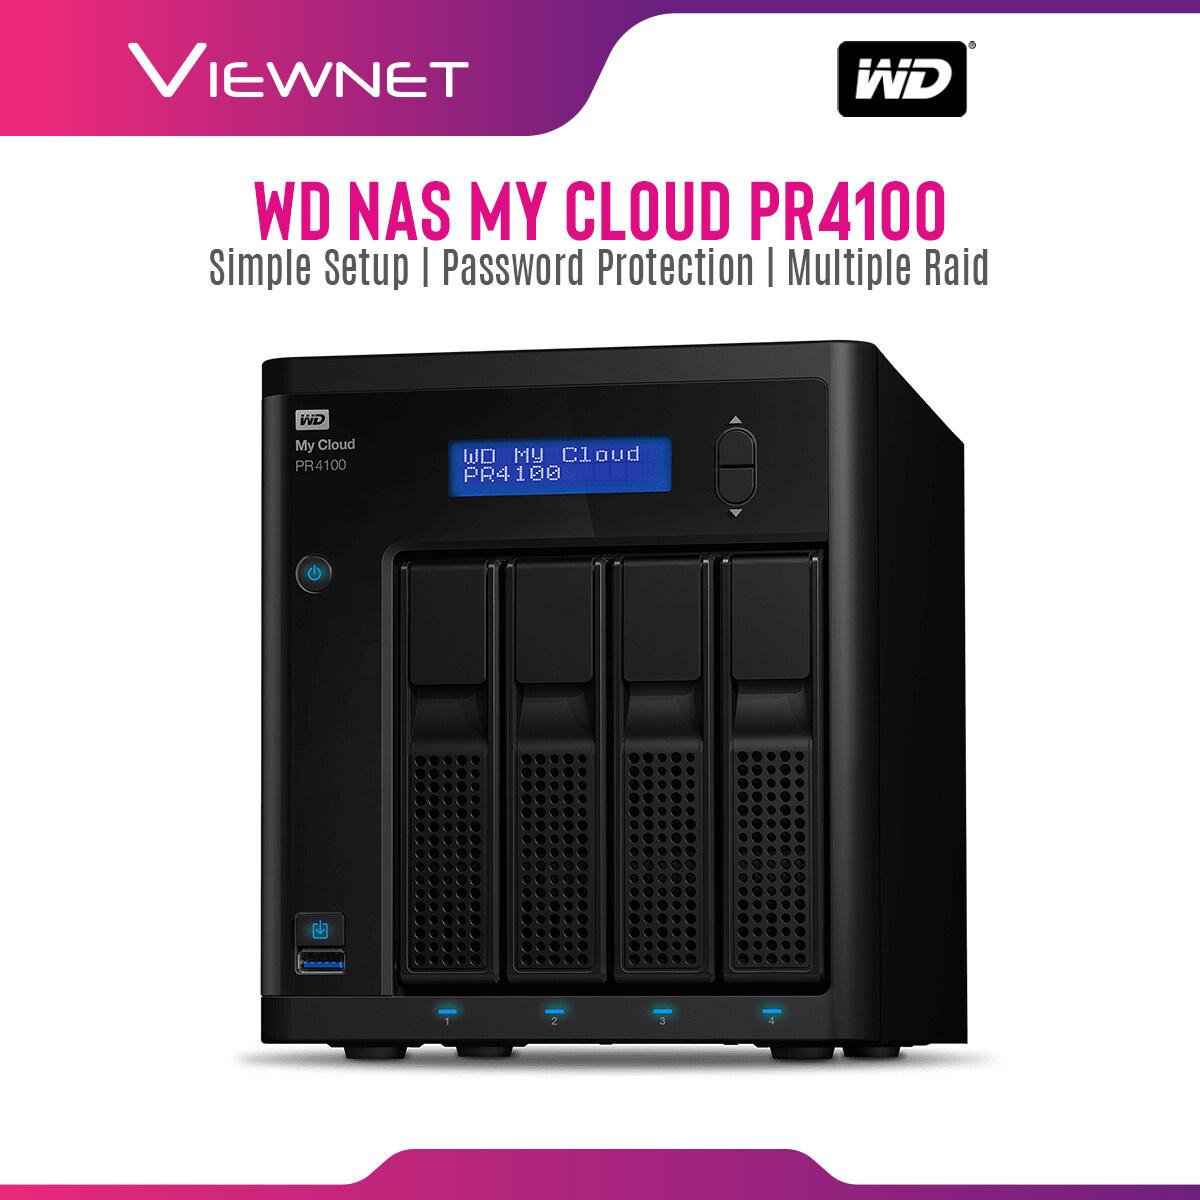 WD My Cloud PR4100 Network Attached Storage, NAS, 0TB, 8TB, 16TB, 24TB, 32TB, 40TB, USB 3.0